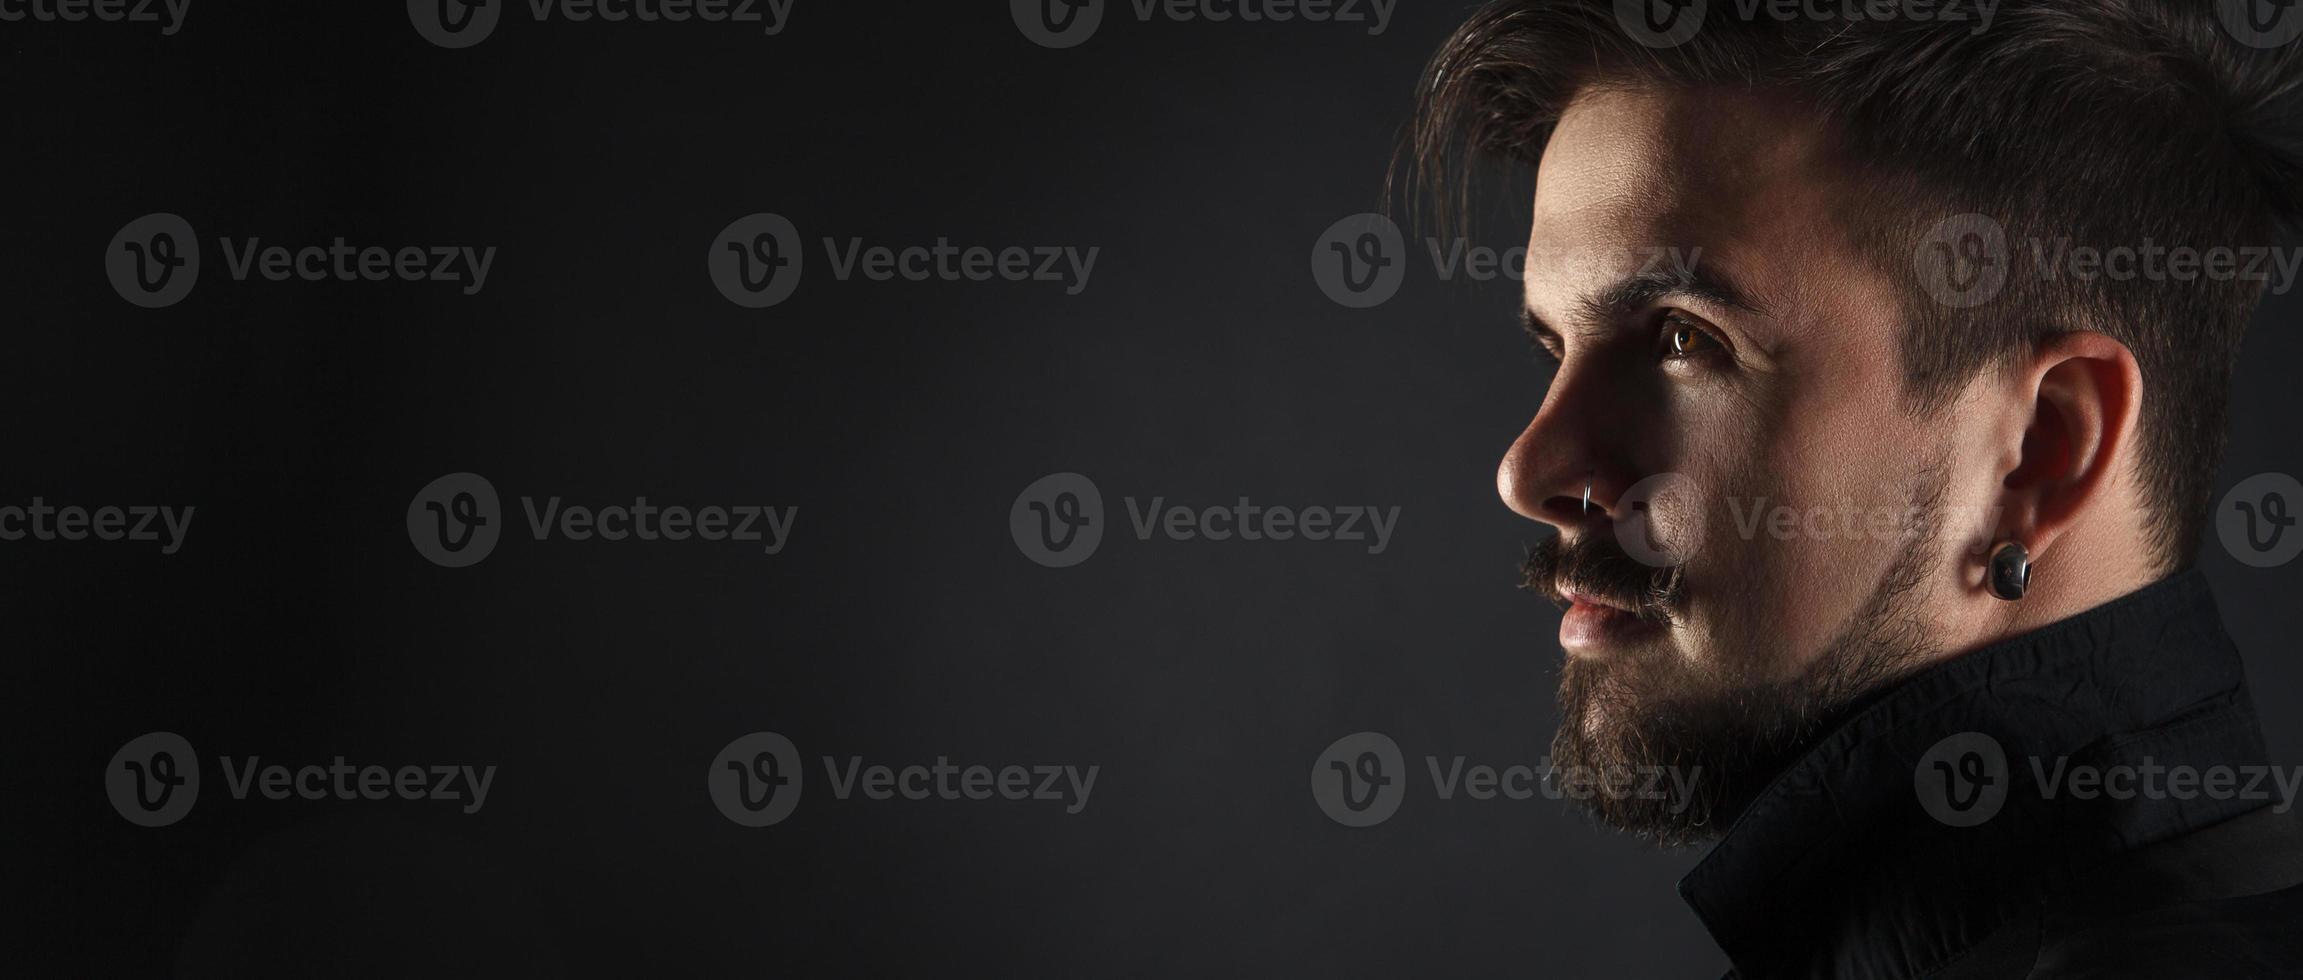 knappe brute man met baard op donkere achtergrond foto